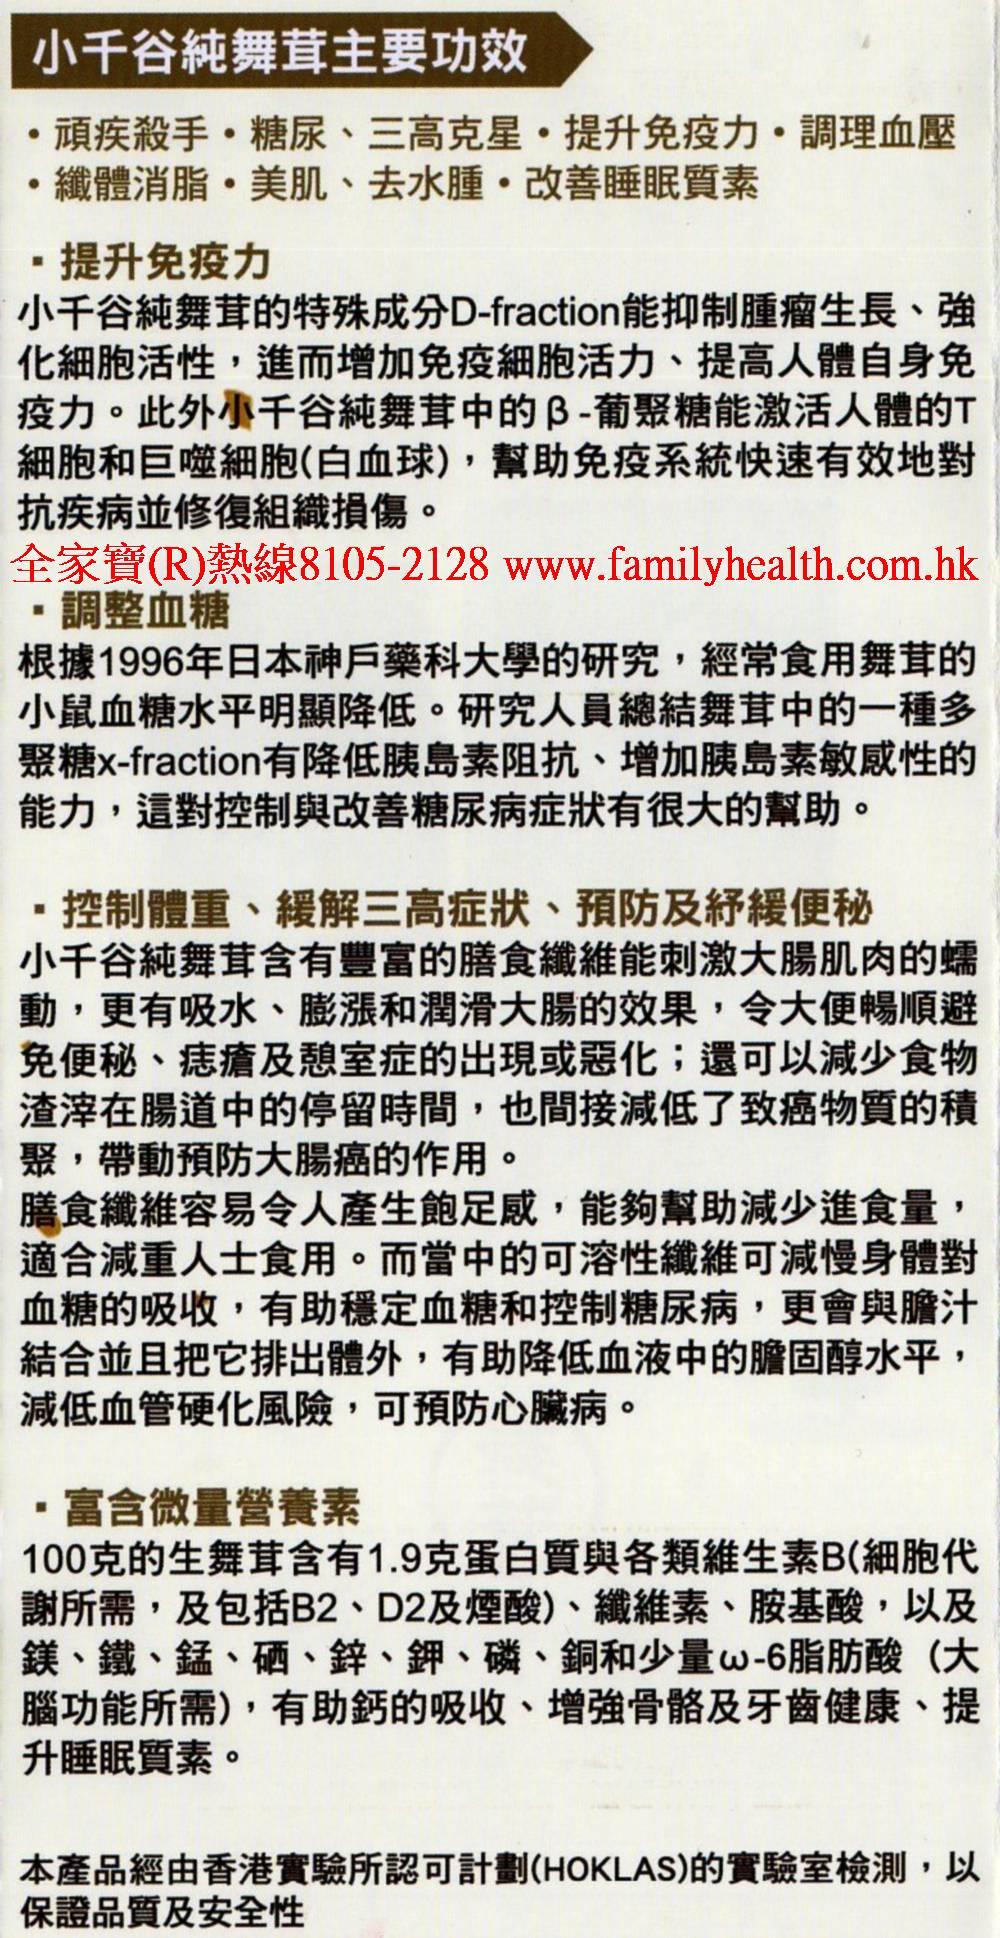 http://www.familyhealth.com.hk/files/full/939_3.jpg